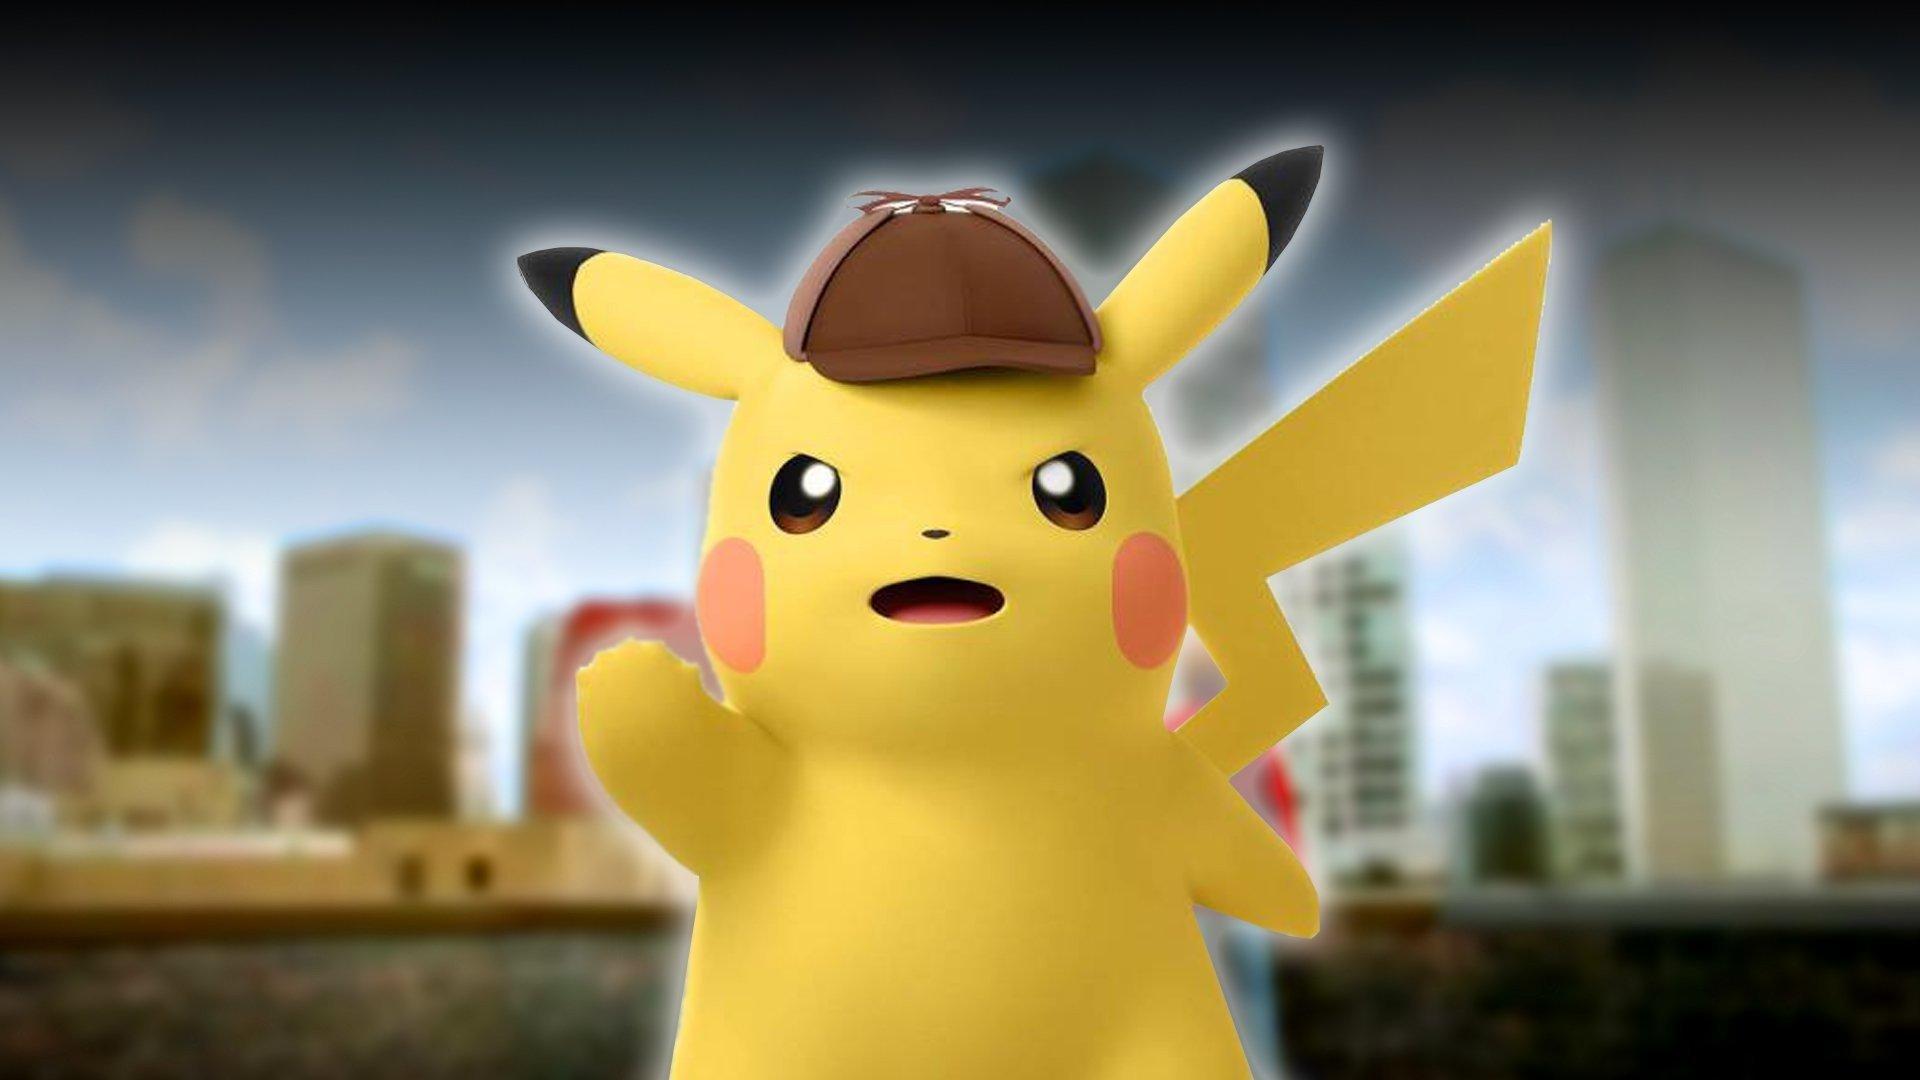 L'inspecteur Pikachu confirmé sur Nintendo Switch